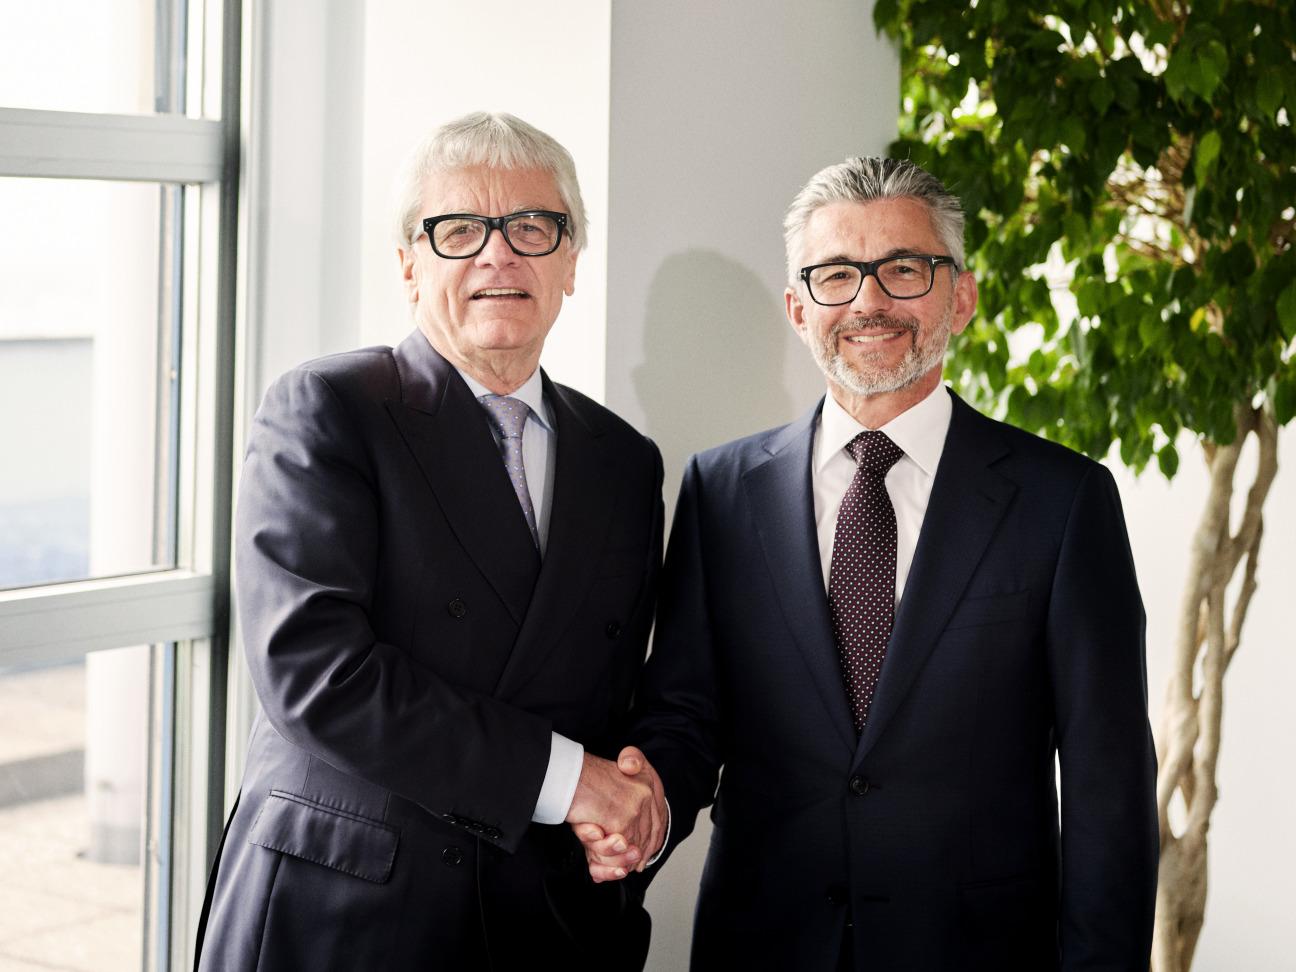 Eder & Eibensteiner